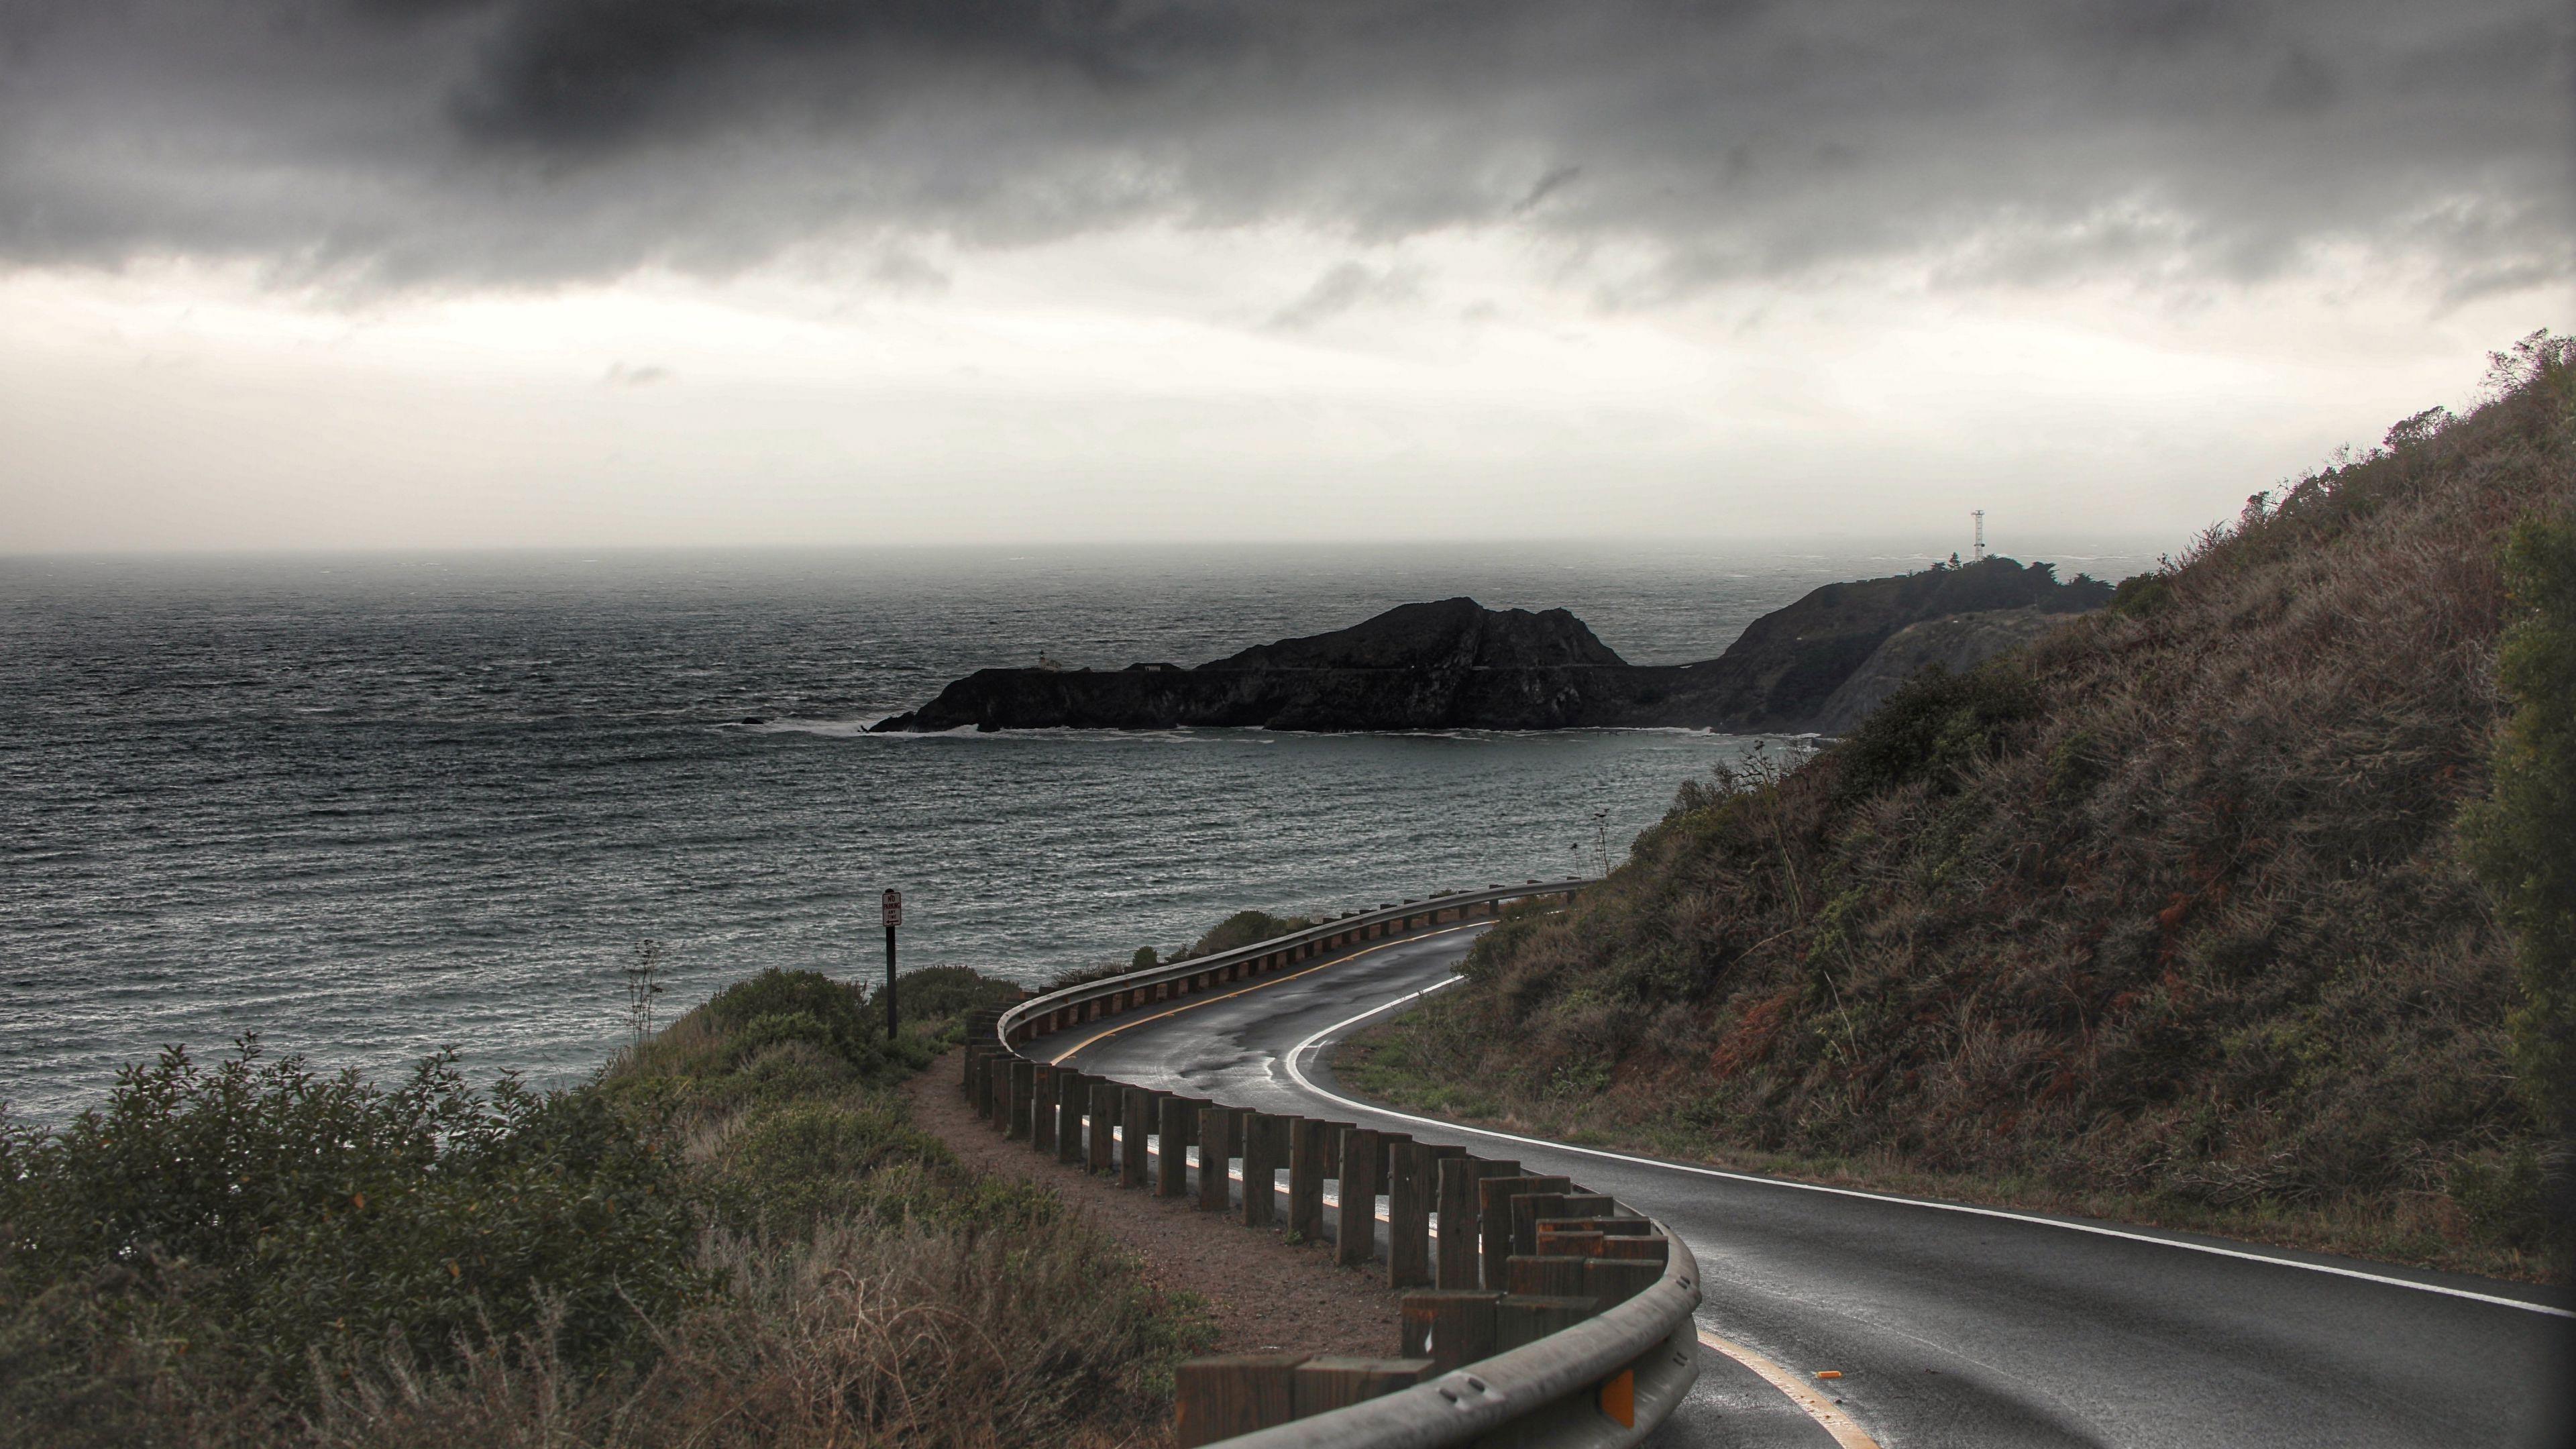 Поворот дороги забор склон зеленая трава океан скалистые горы черные белые облака небо природа обои скачать